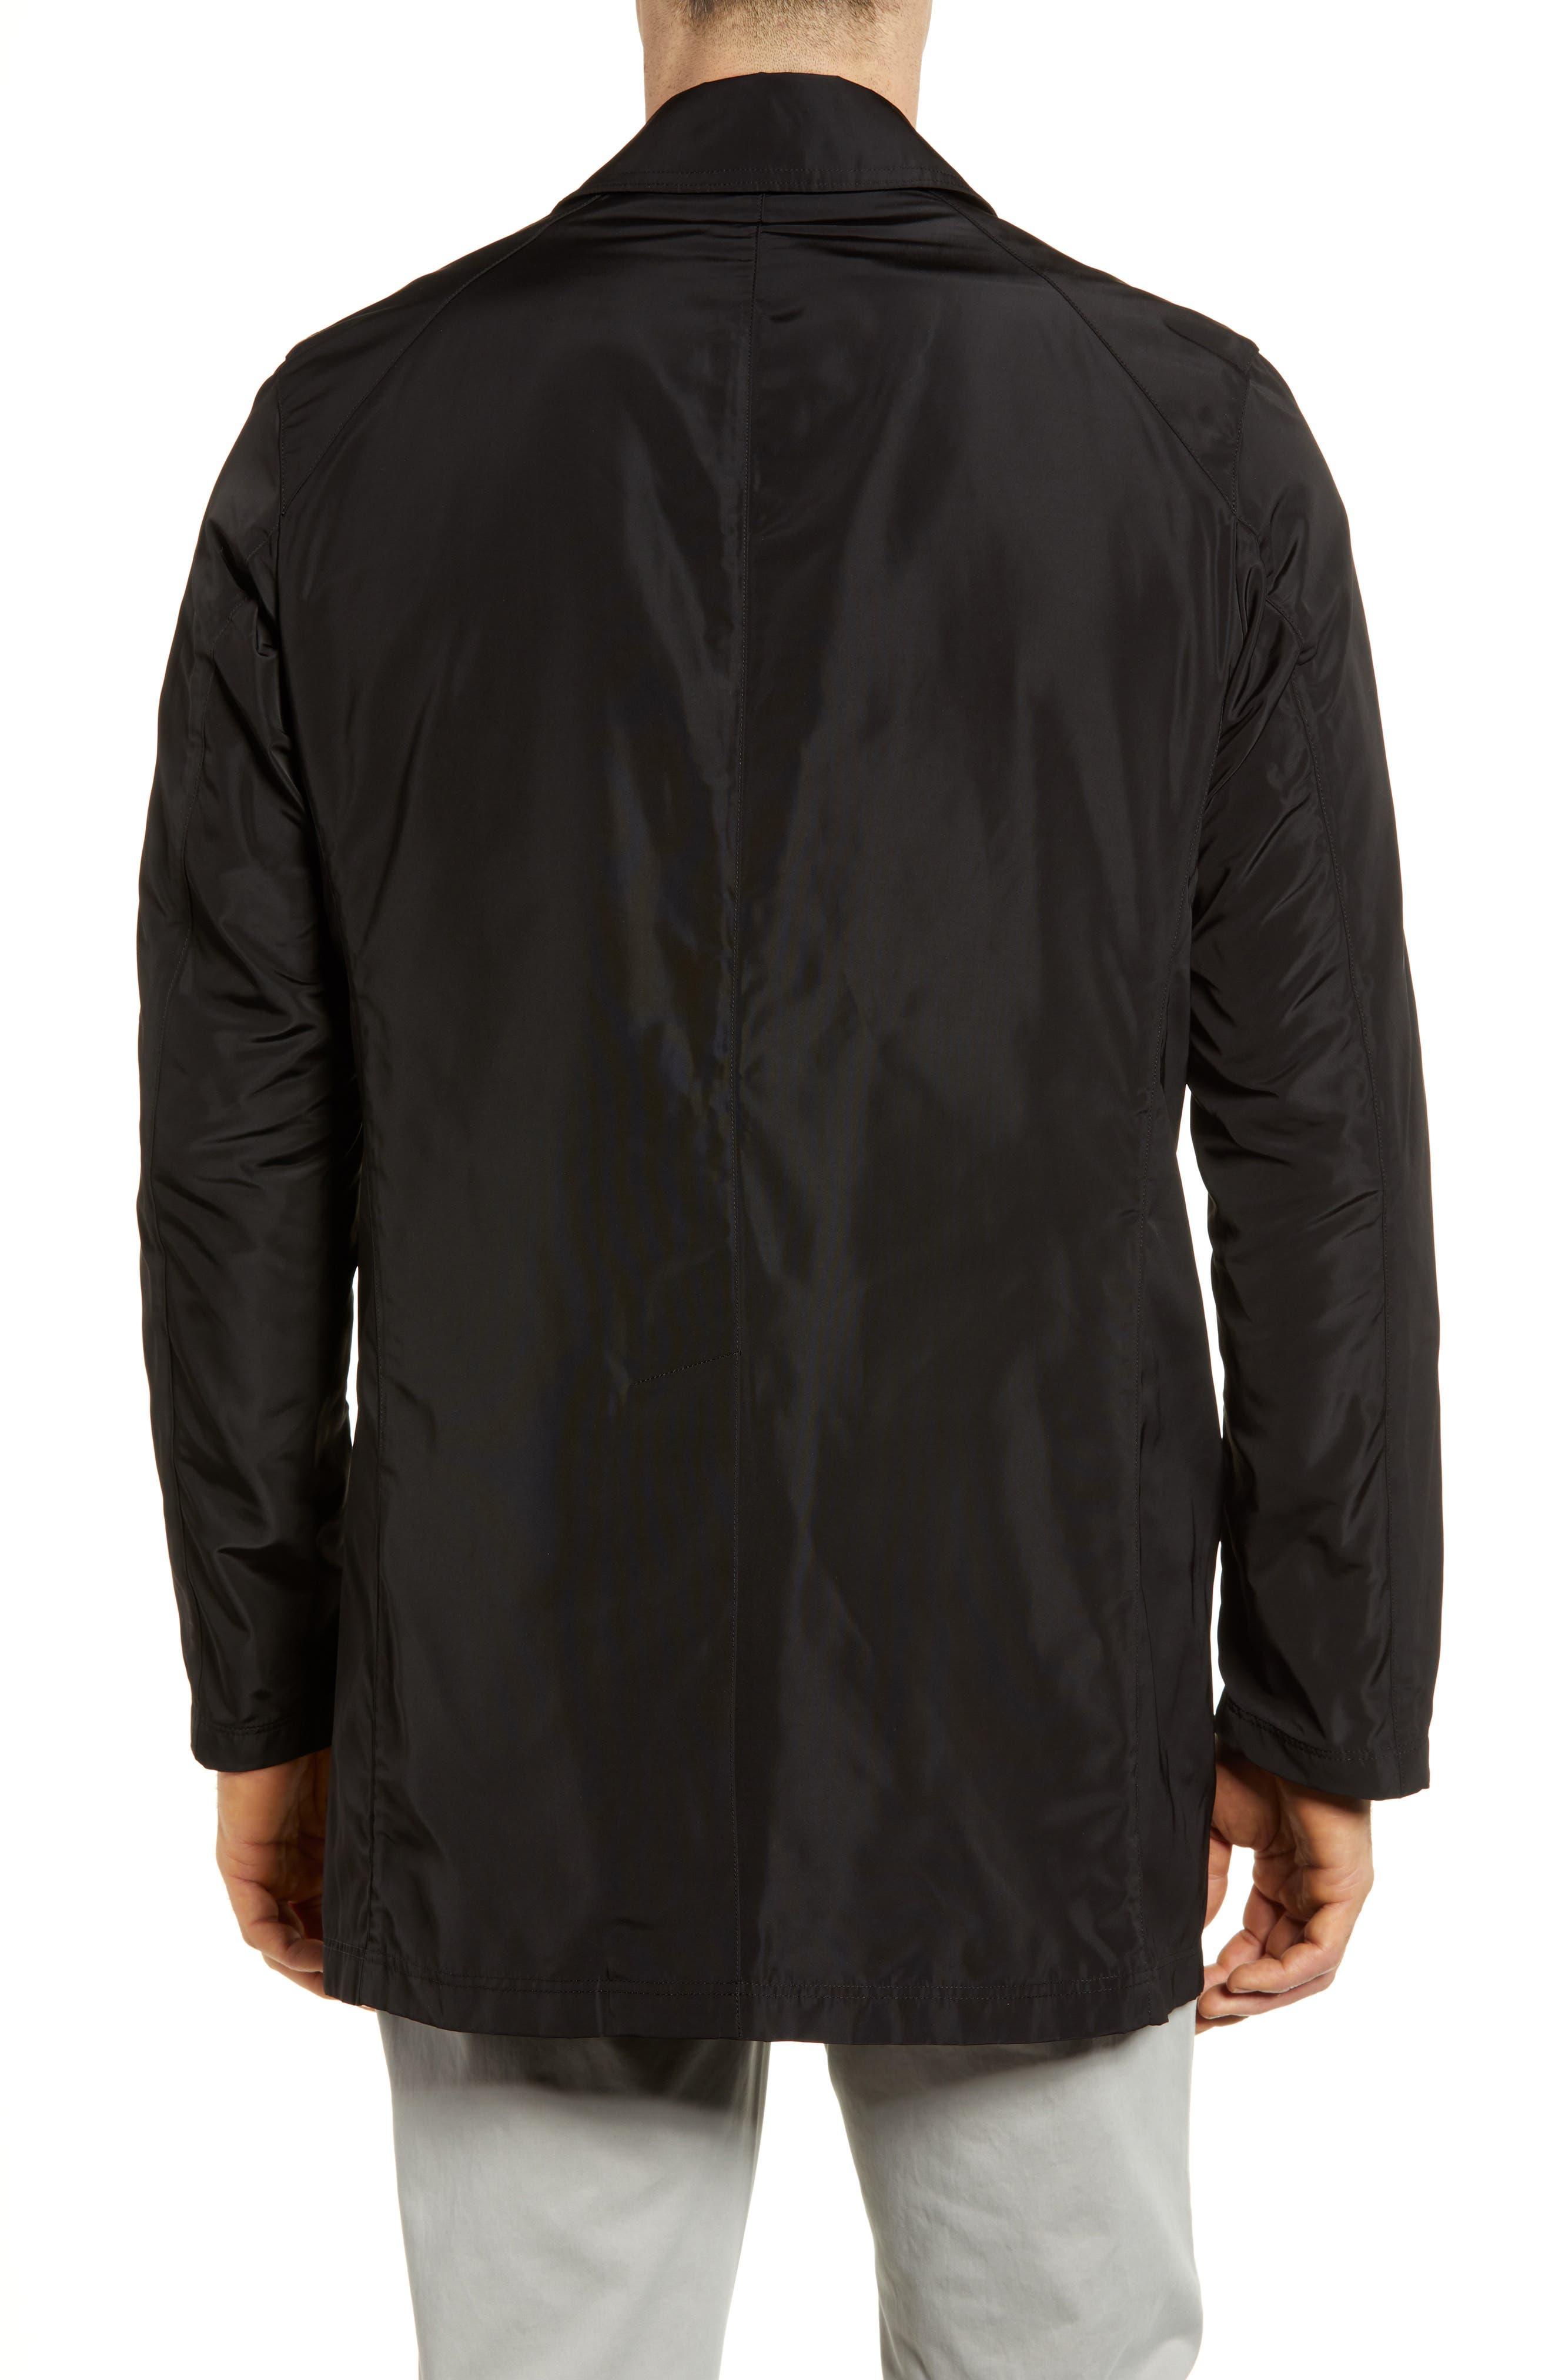 S/B Raincoat,                             Alternate thumbnail 2, color,                             Black